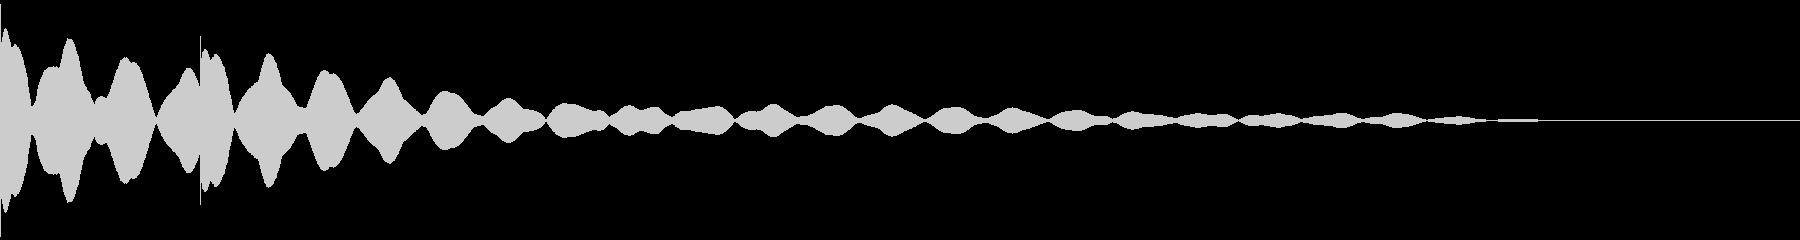 チーンチーン 仏壇の鐘の音1の未再生の波形